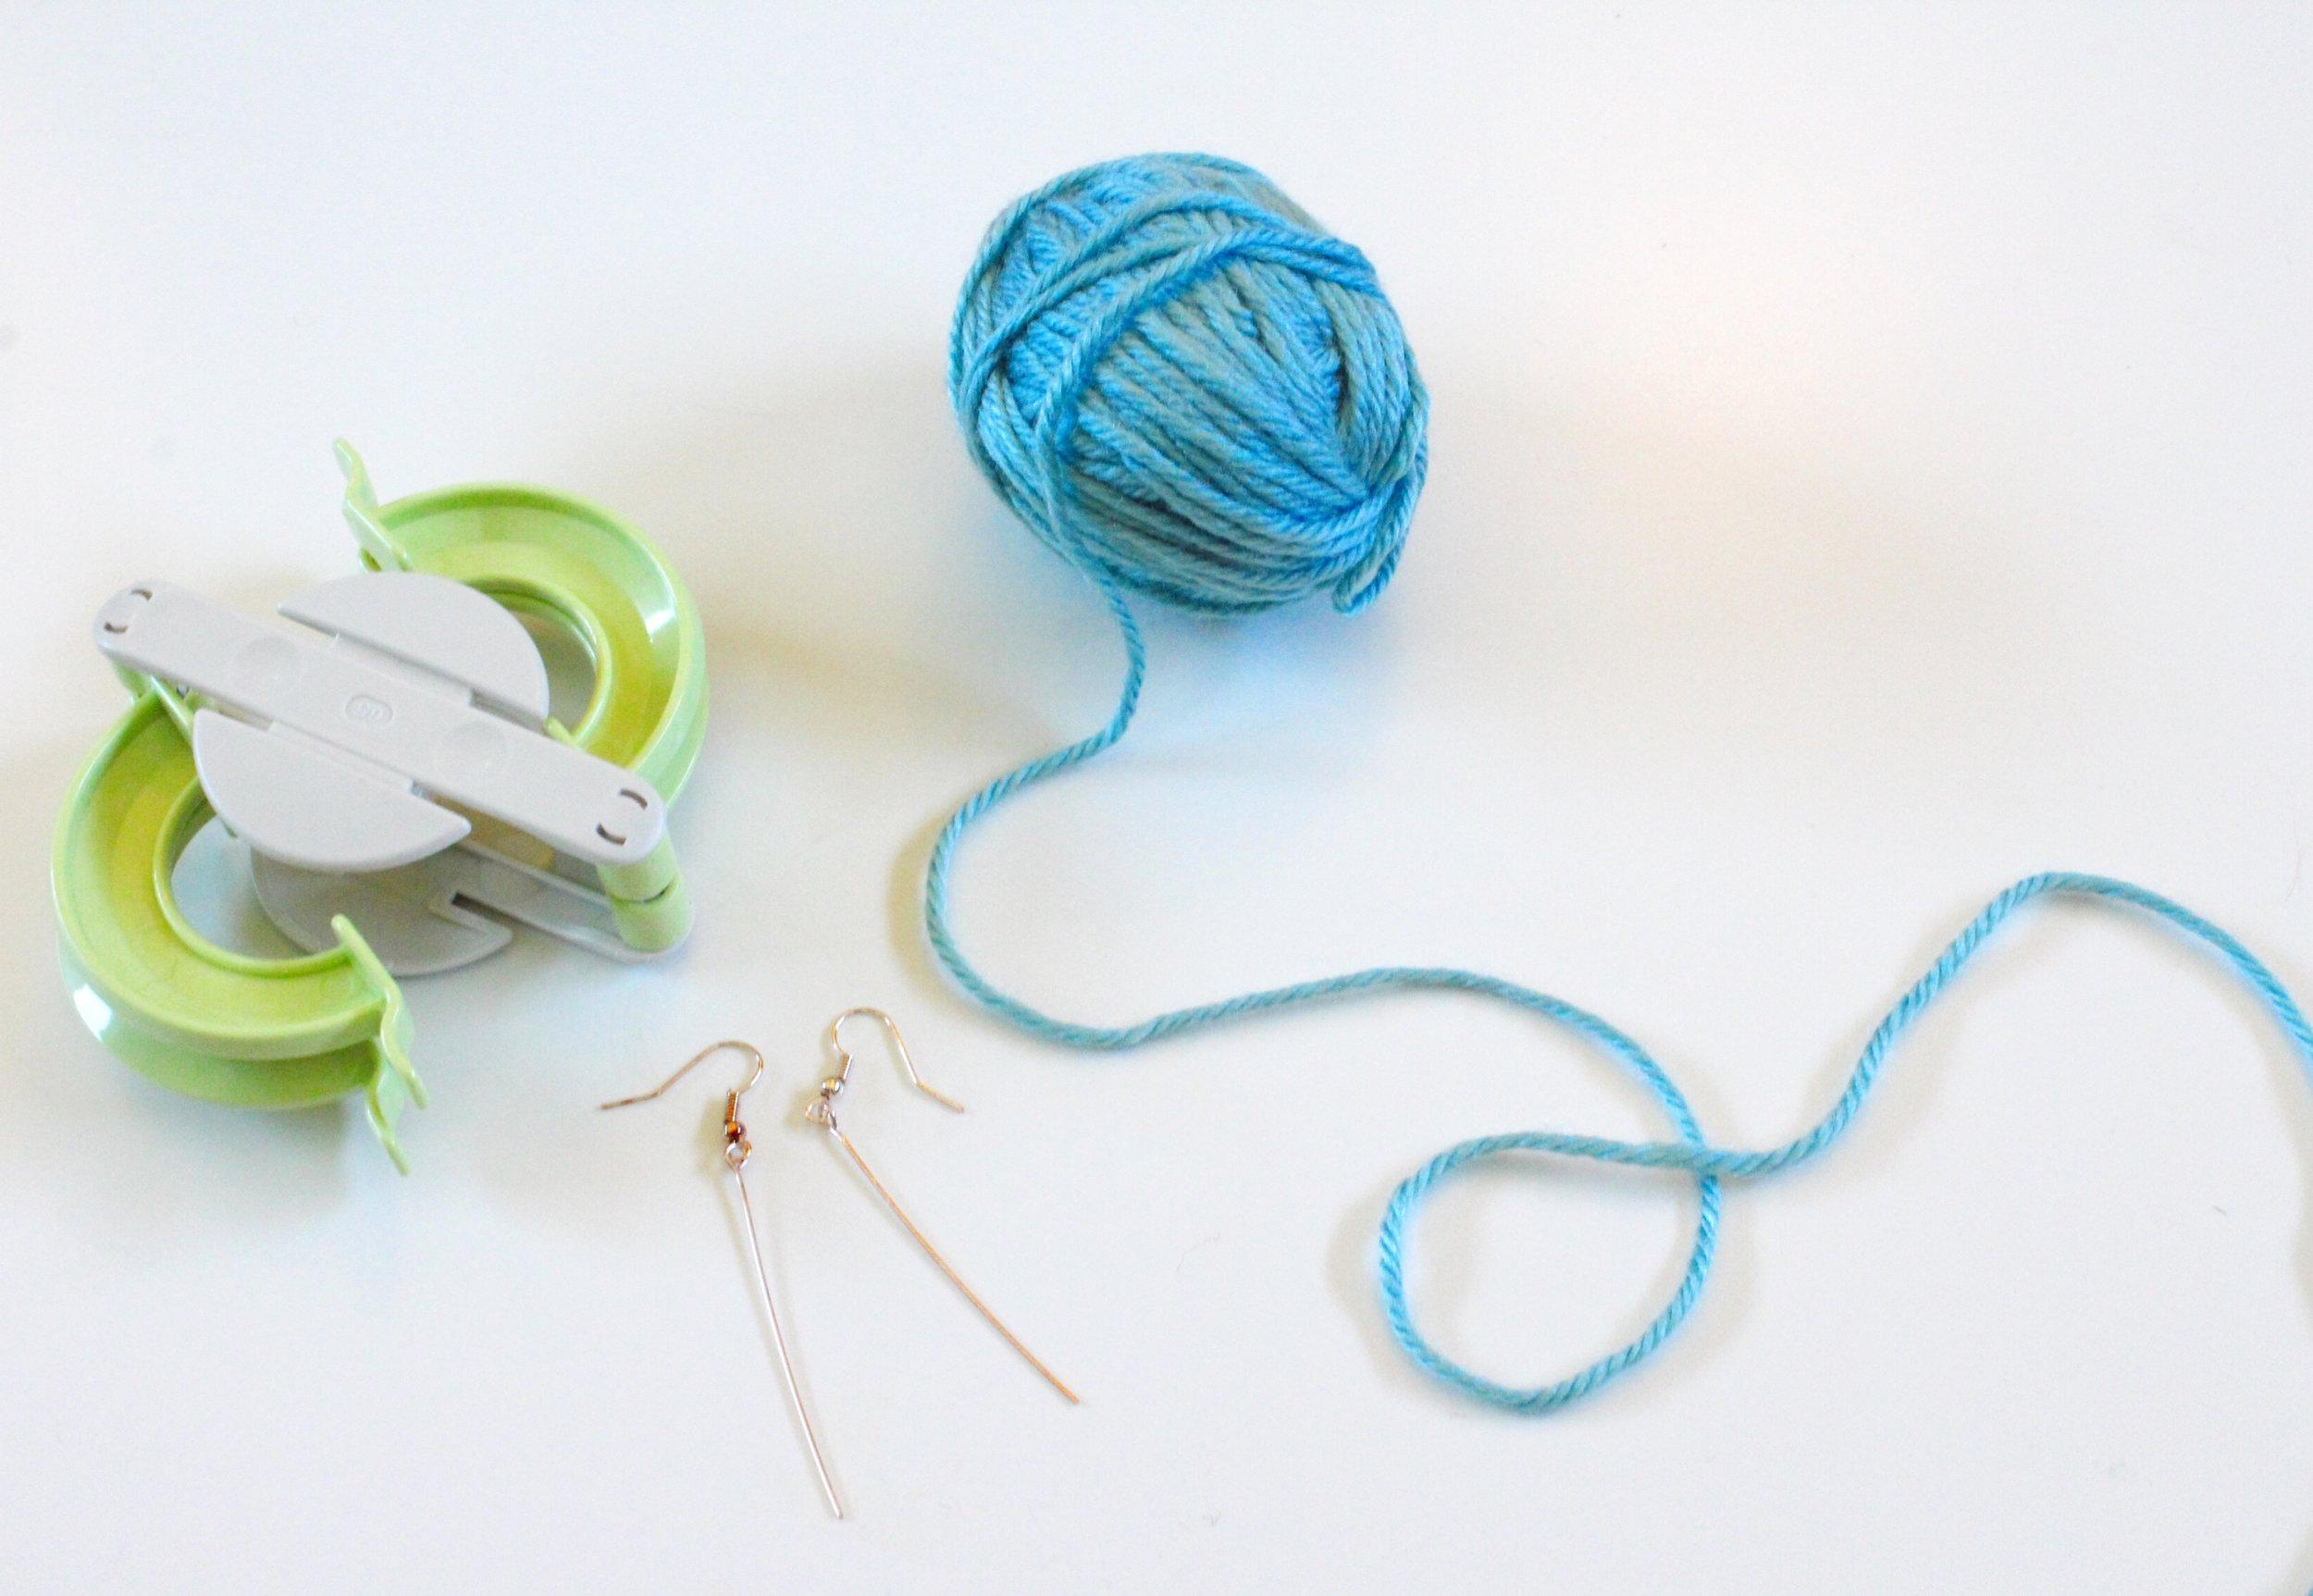 Clover Pom Pom Maker, Sky Blue Yarn and Earring Findings.